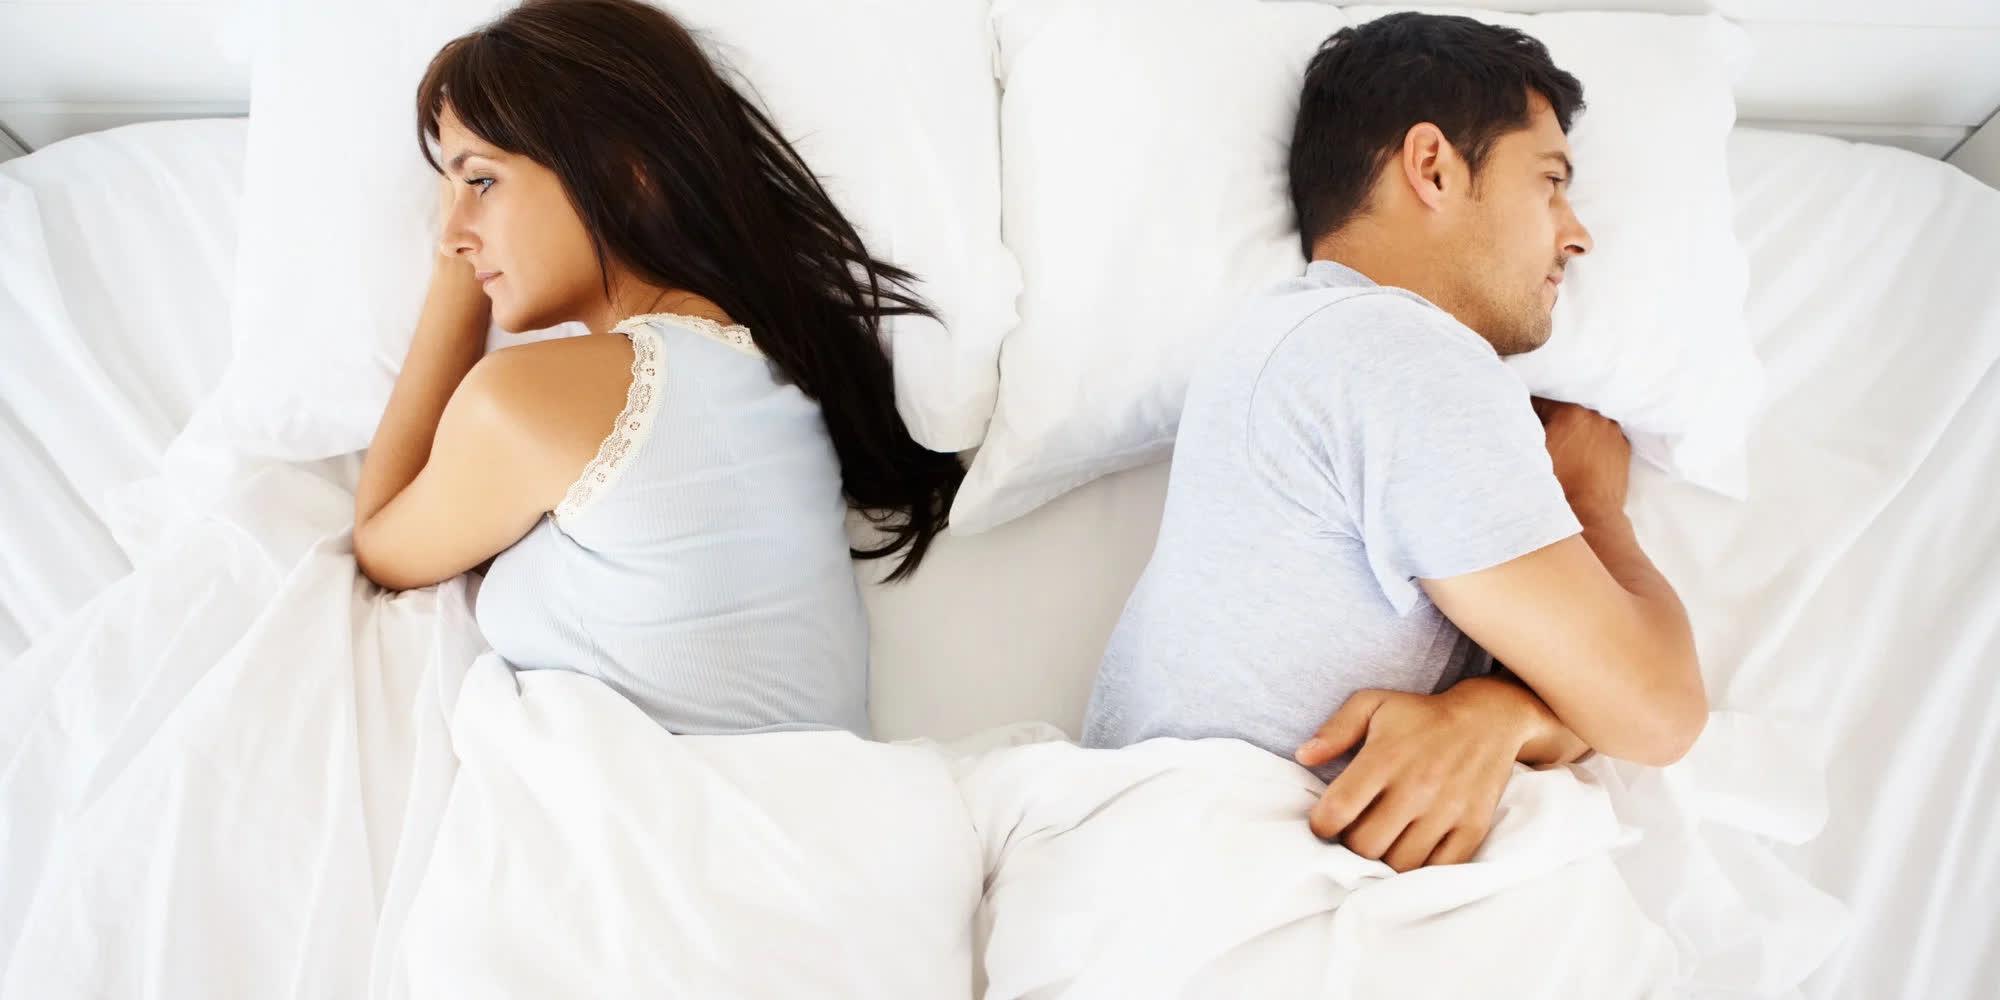 4 hệ lụy khi vợ chồng đổ lỗi cho nhau, hôn nhân tan vỡ là điều tất yếu - Ảnh 3